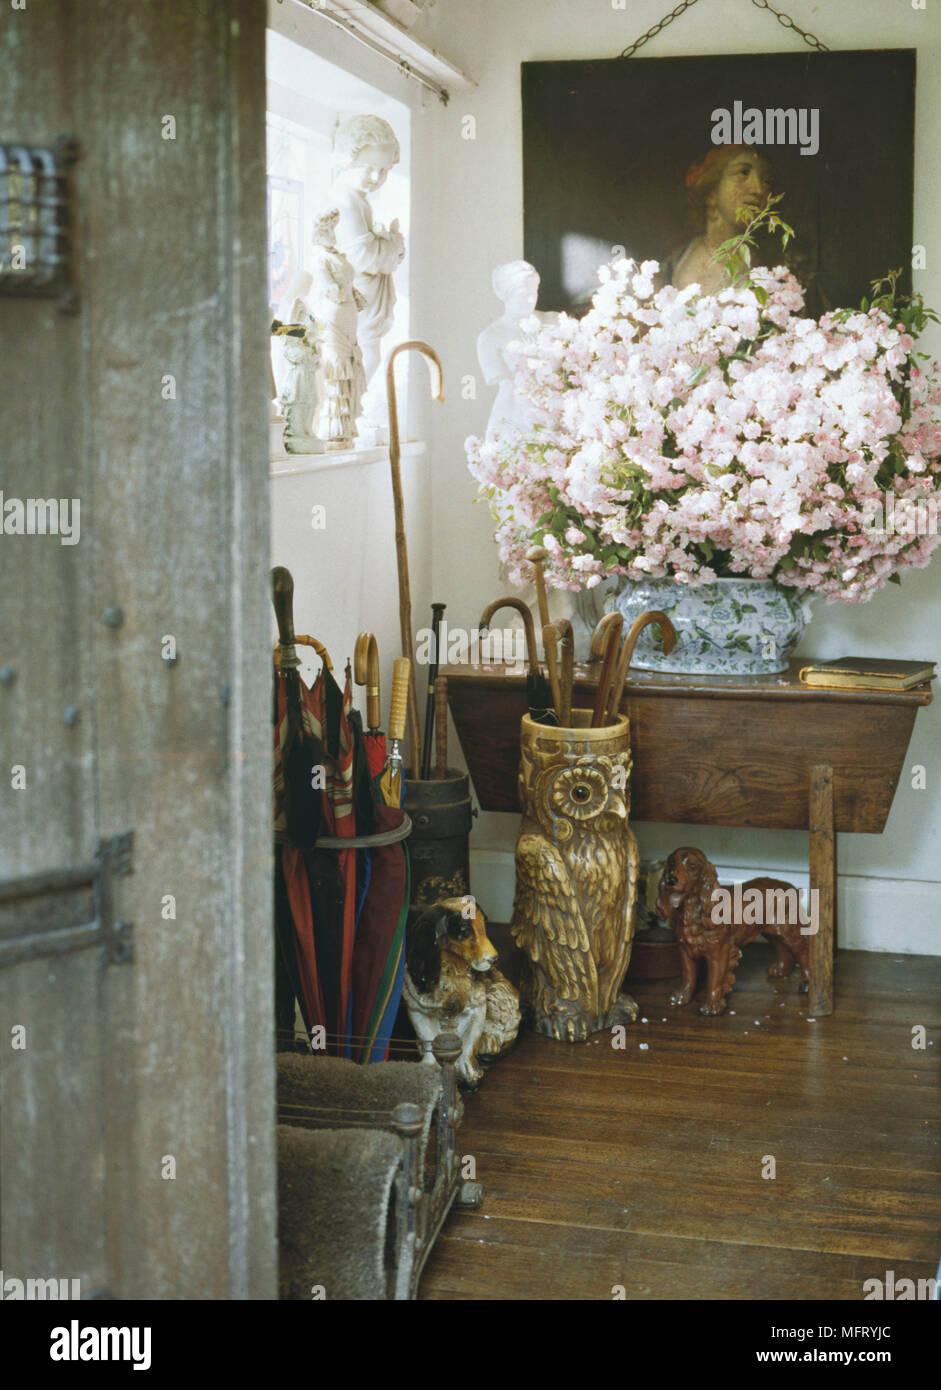 Eingangshalle Holzböden Tabelle Rosa Kletterrosen Sammlung Von Sticks Und  Sonnenschirme In Steht Owl Schirmständer Gips Spaniels